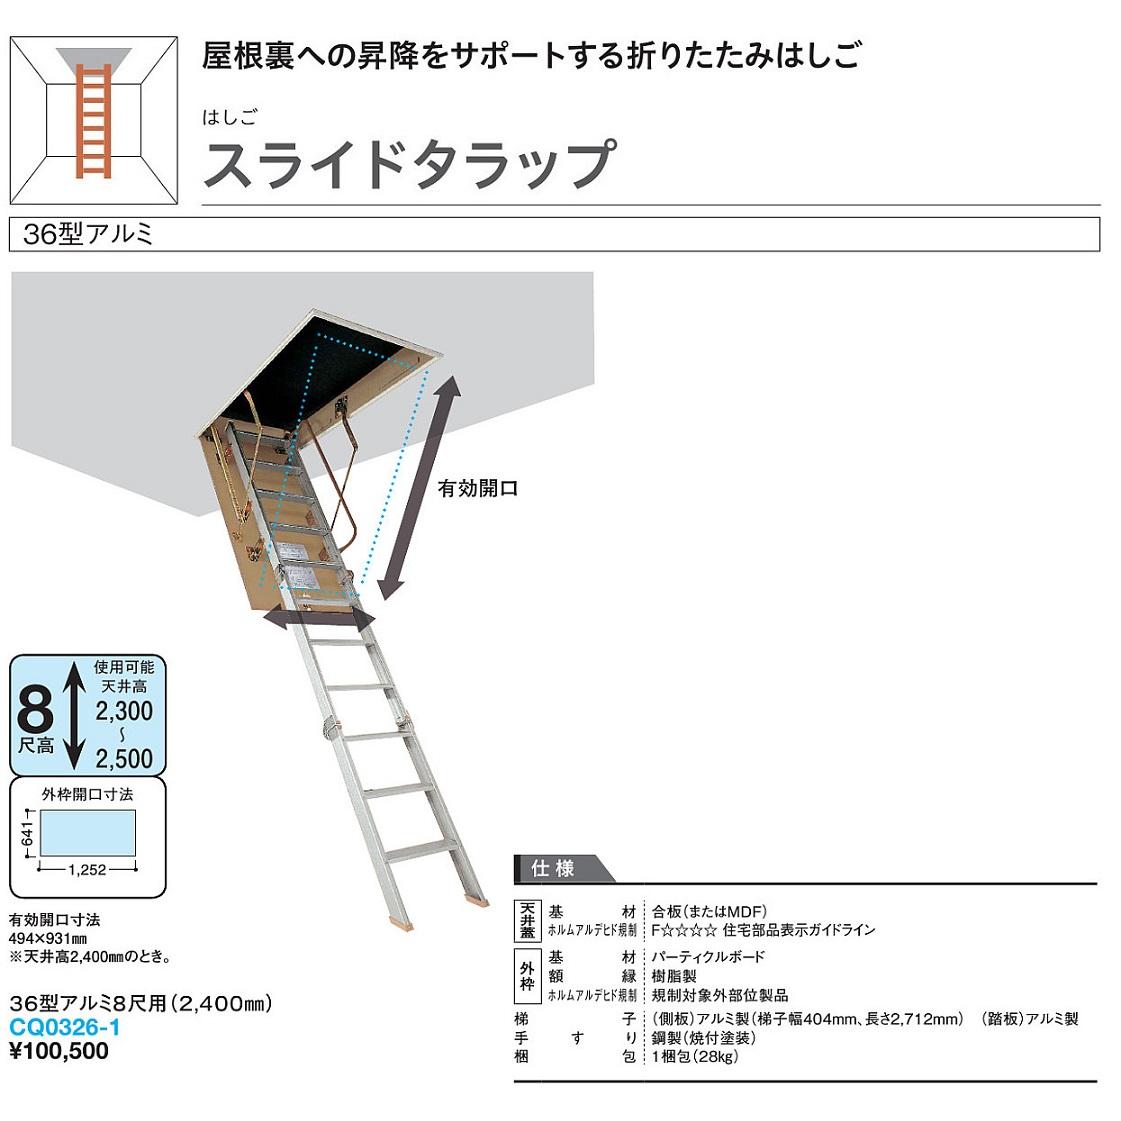 大建工業 収納はしご(スライドタラップ) 36型アルミ(8尺用/2400)【CQ0336-1】